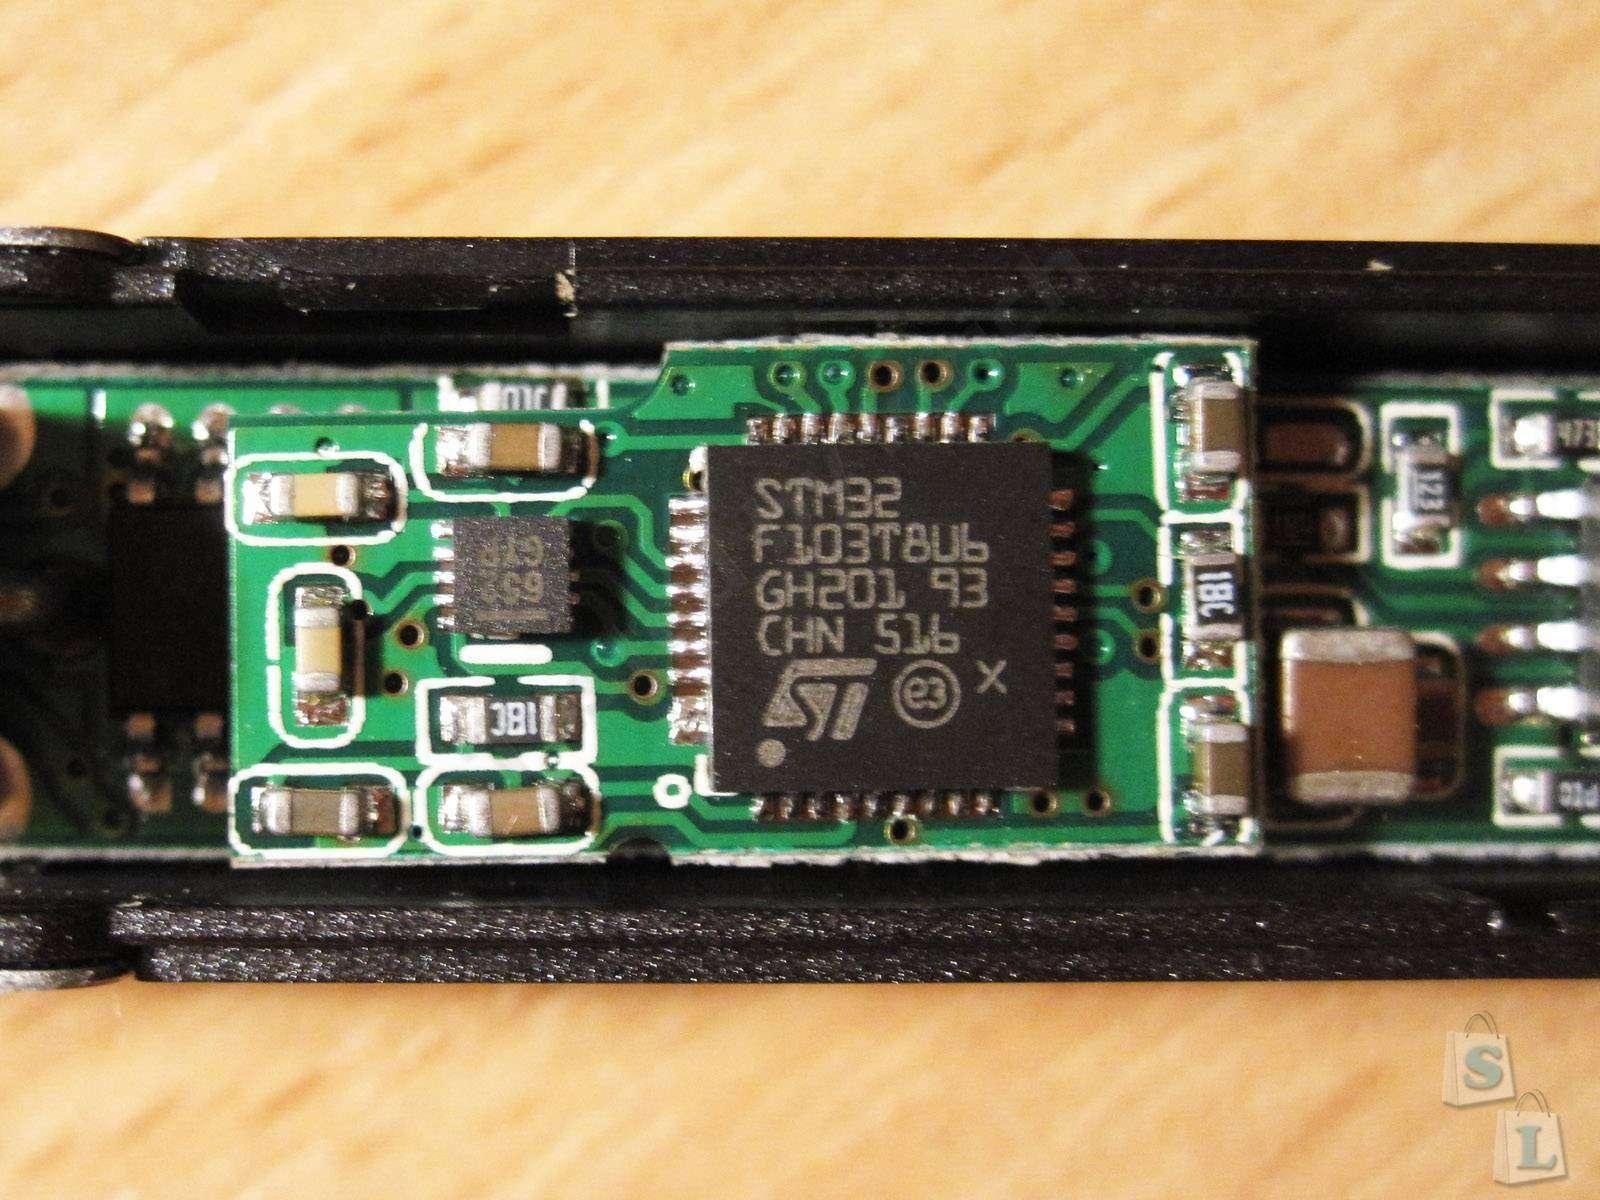 GearBest: Паяльник TS100, или привычный инструмент в новом обличье